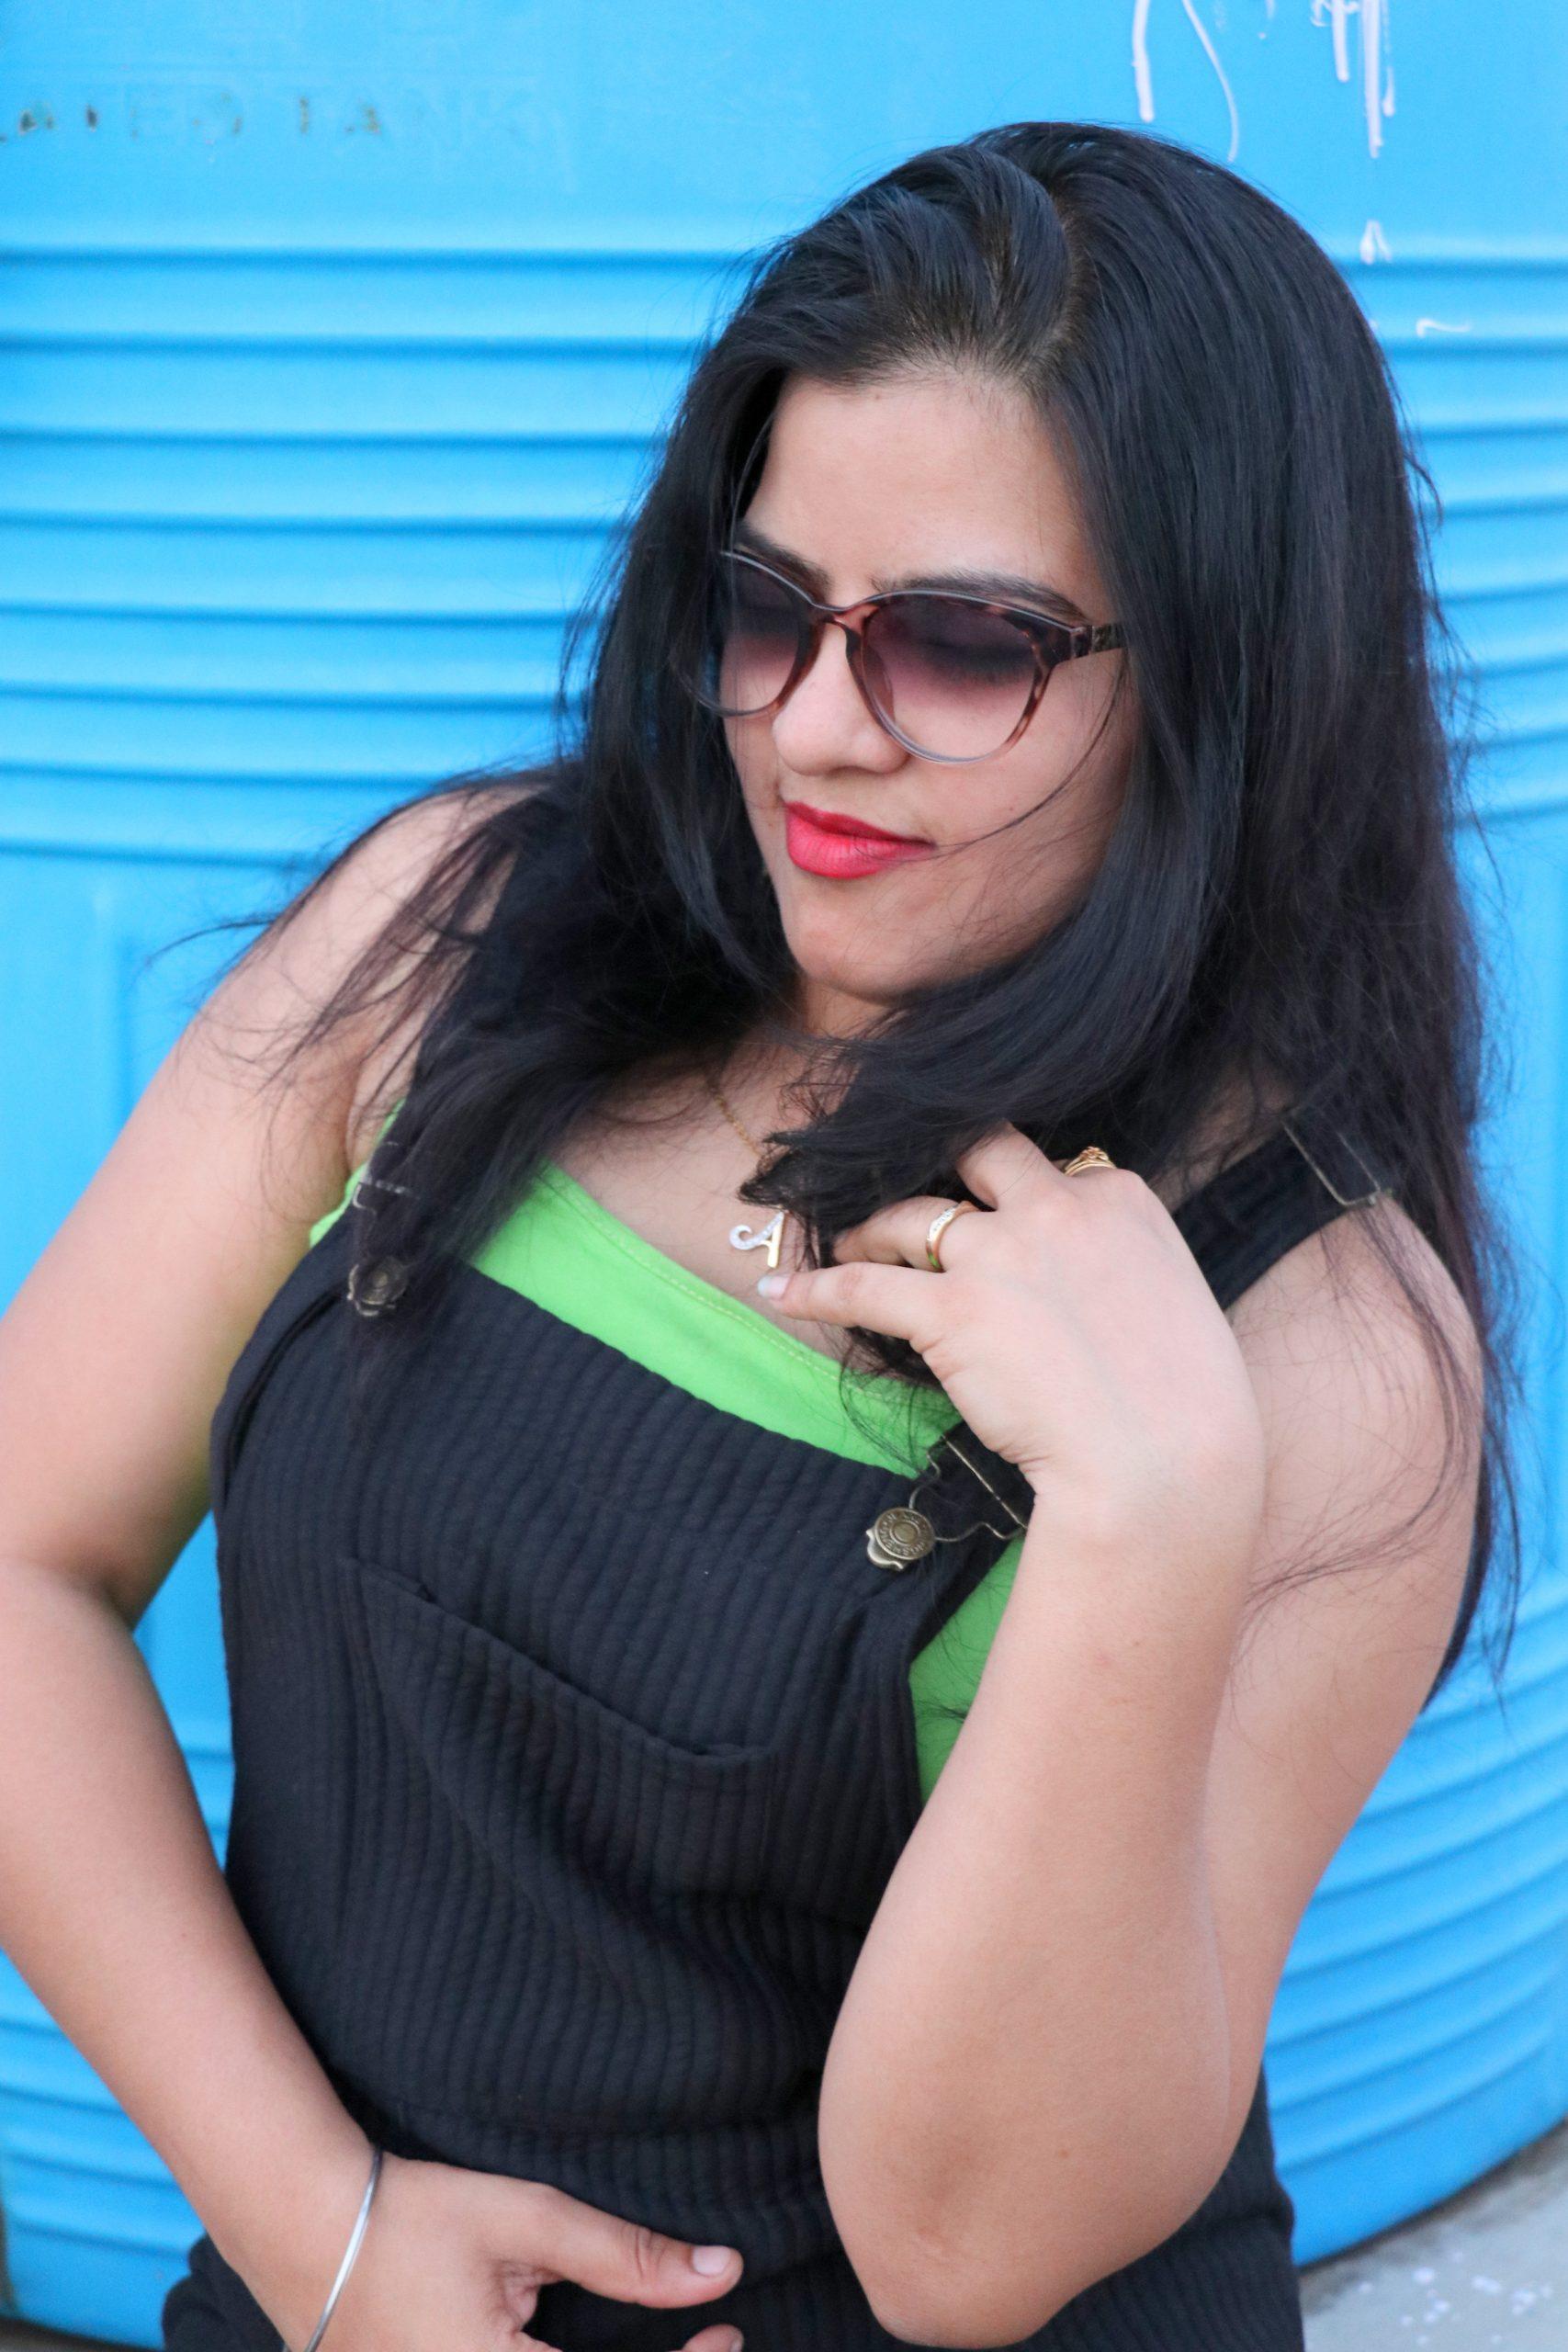 Indian stylish girl